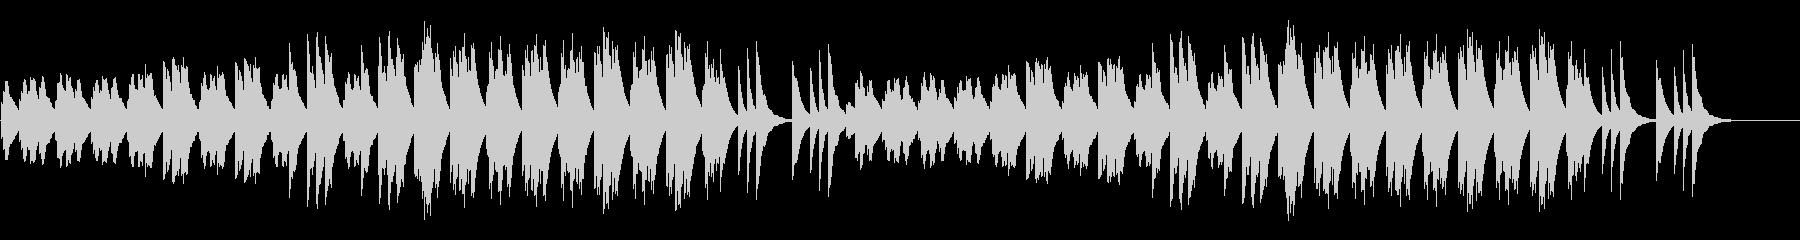 しんみりとする柔らかい音色のエレピソロの未再生の波形